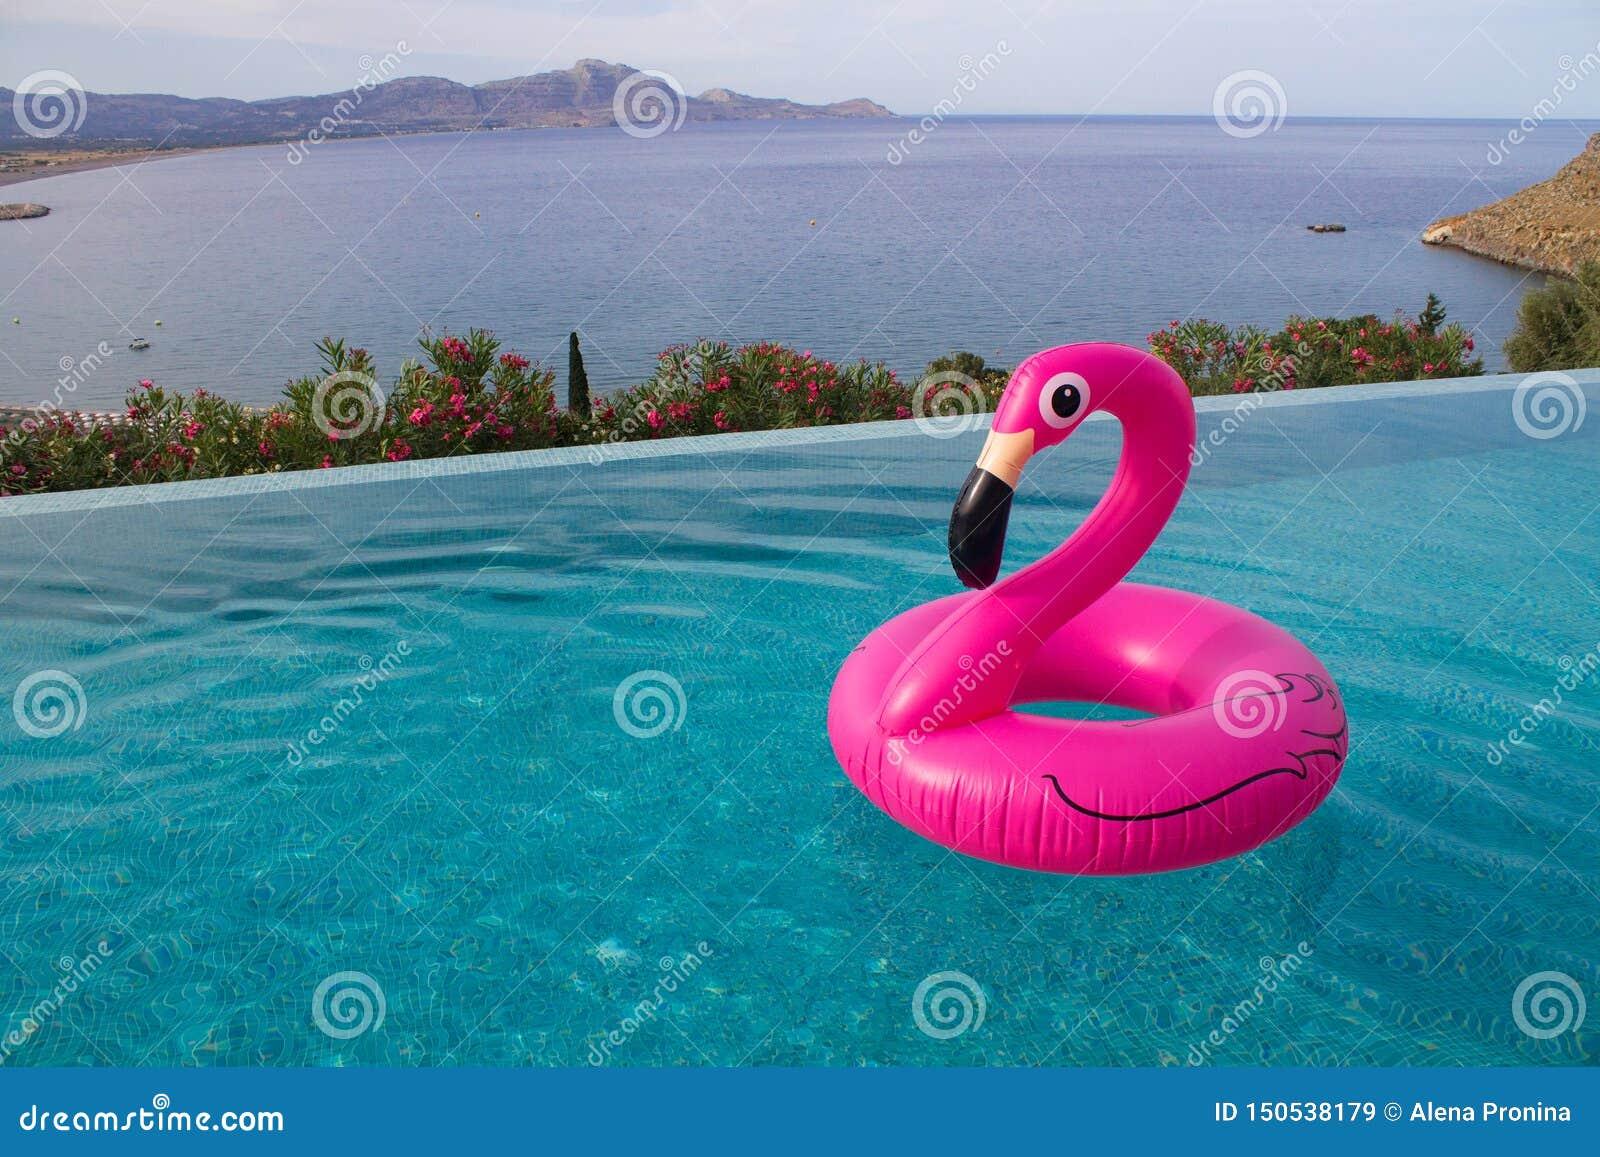 Duży różowy flaming dla sweeming w basenie z dennym widokiem